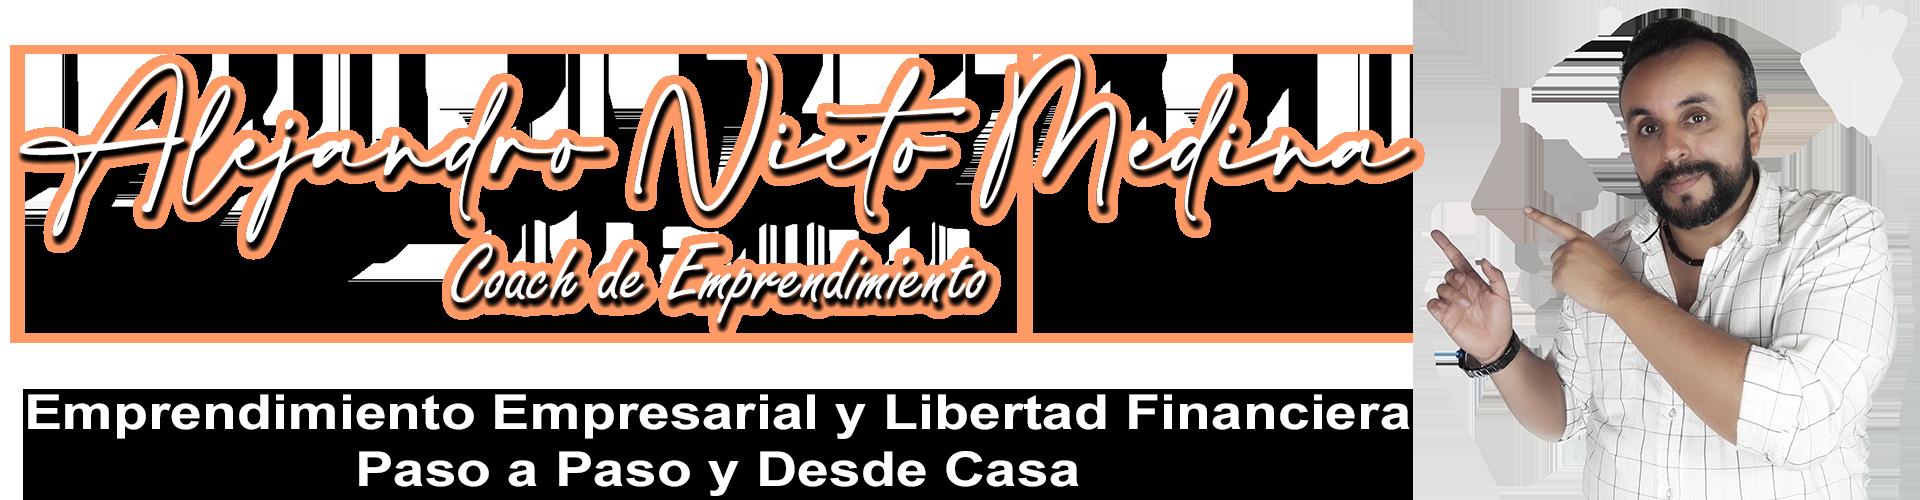 banner Alejandro Nieto Medina